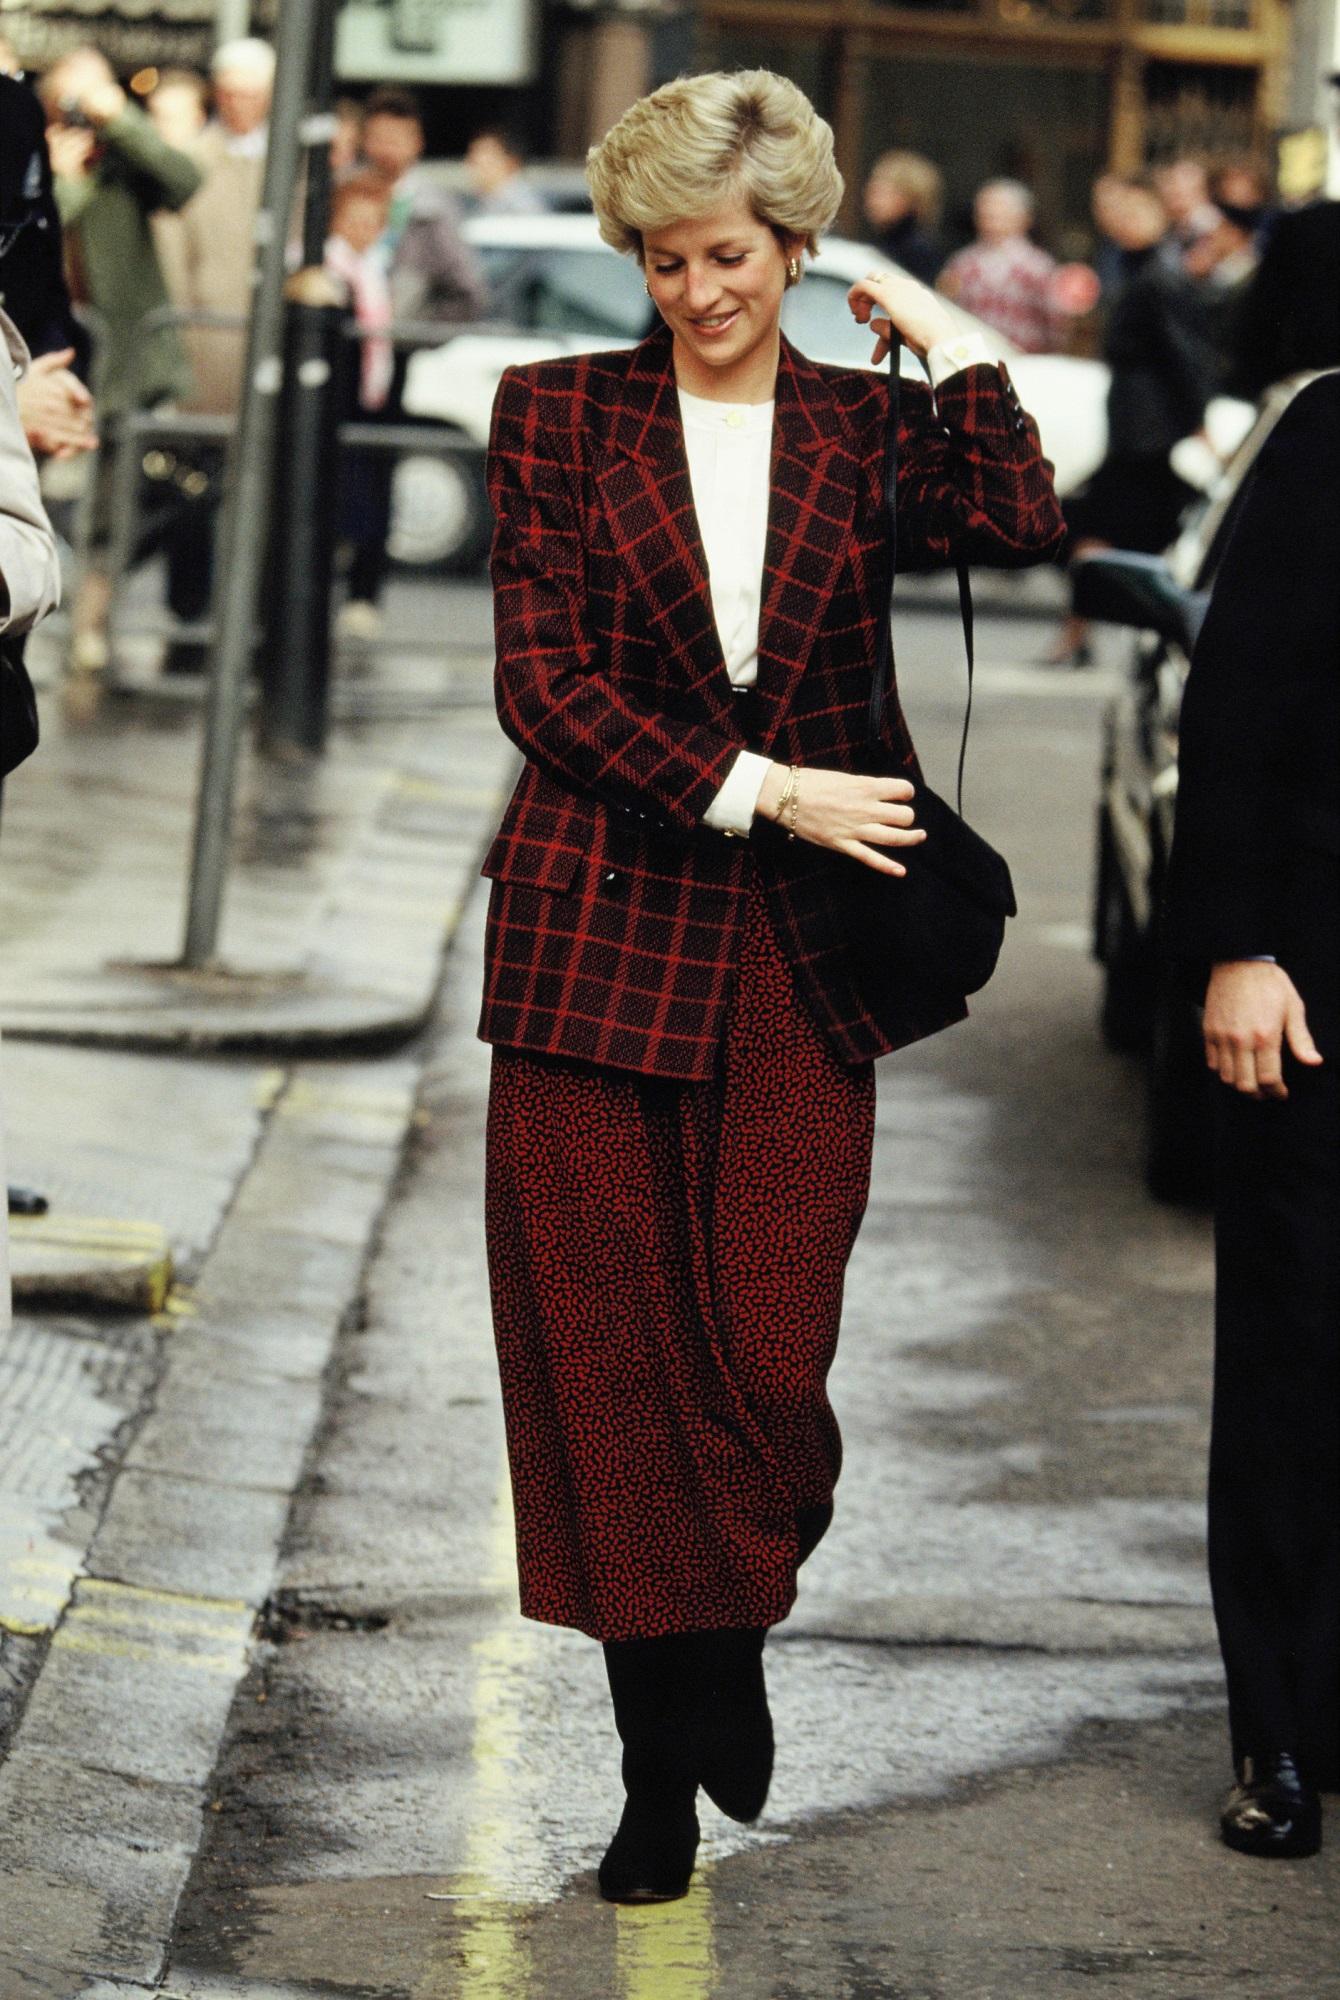 Học Công nương Diana 4 cách diện blazer vừa đơn giản lại chuẩn xịn y chang phong cách Hoàng gia - Ảnh 10